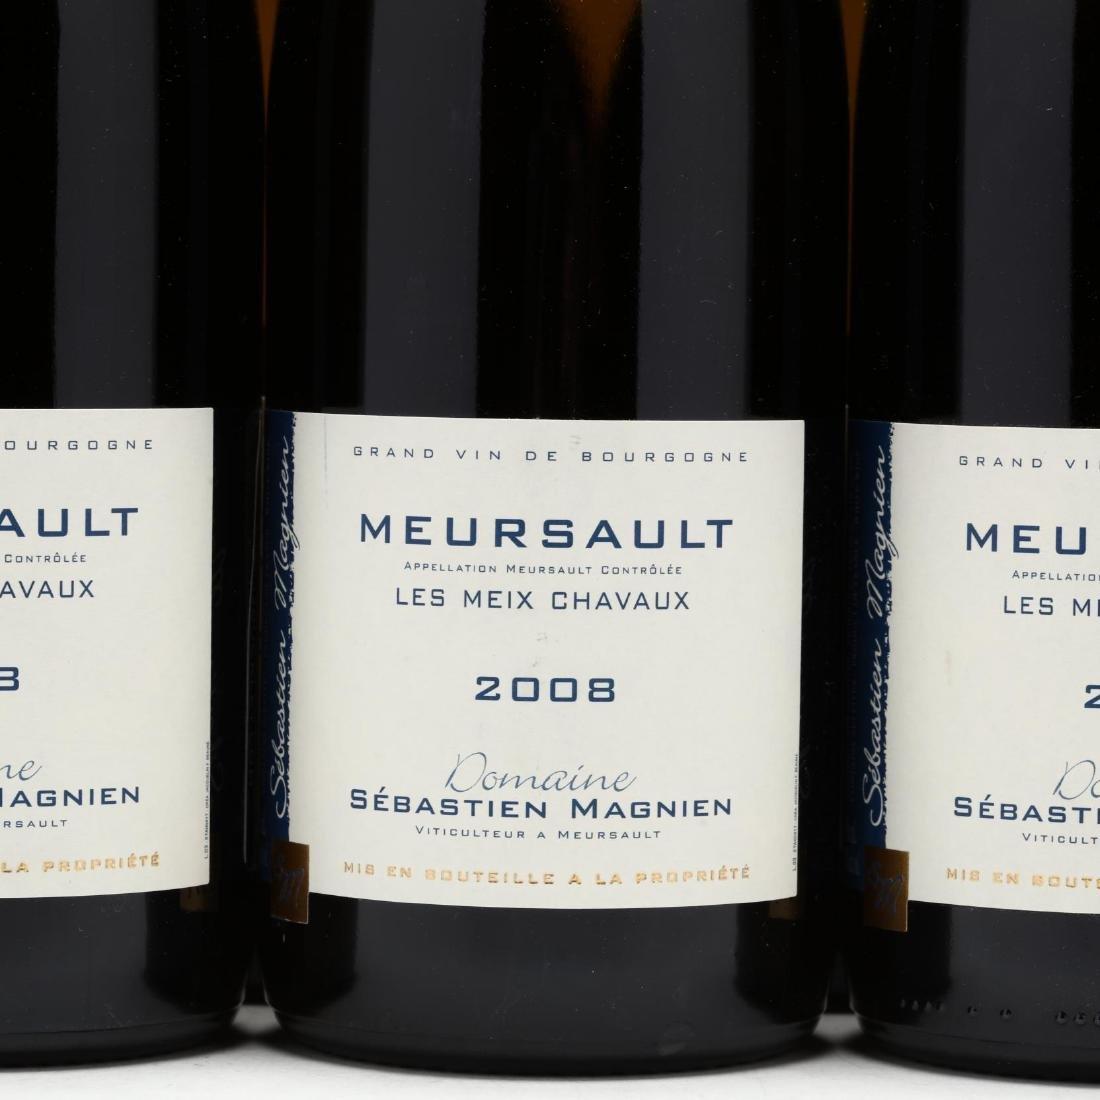 Meursault - Vintage 2008 - 2